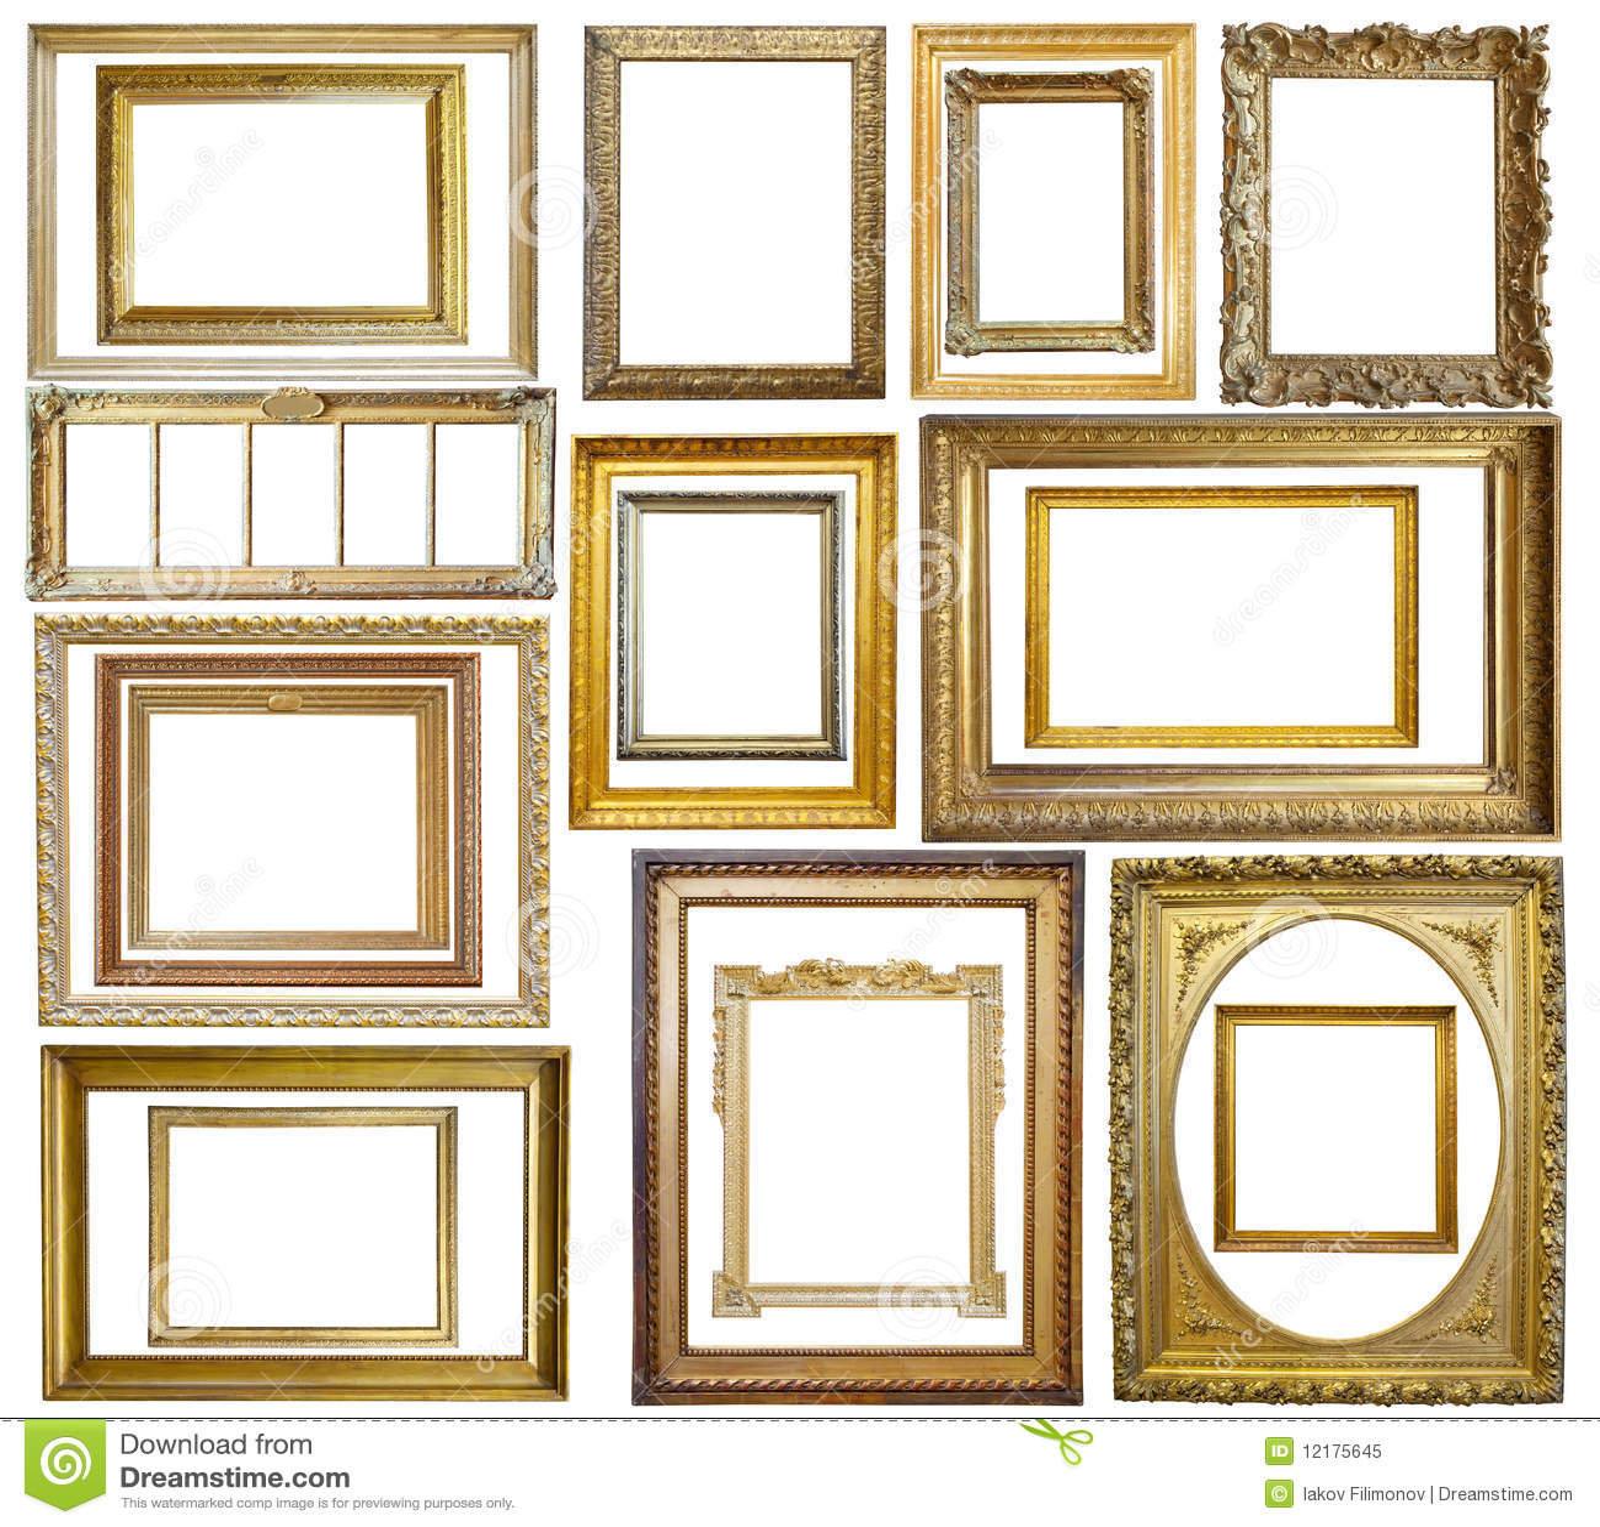 Set of Vintage gold picture frame